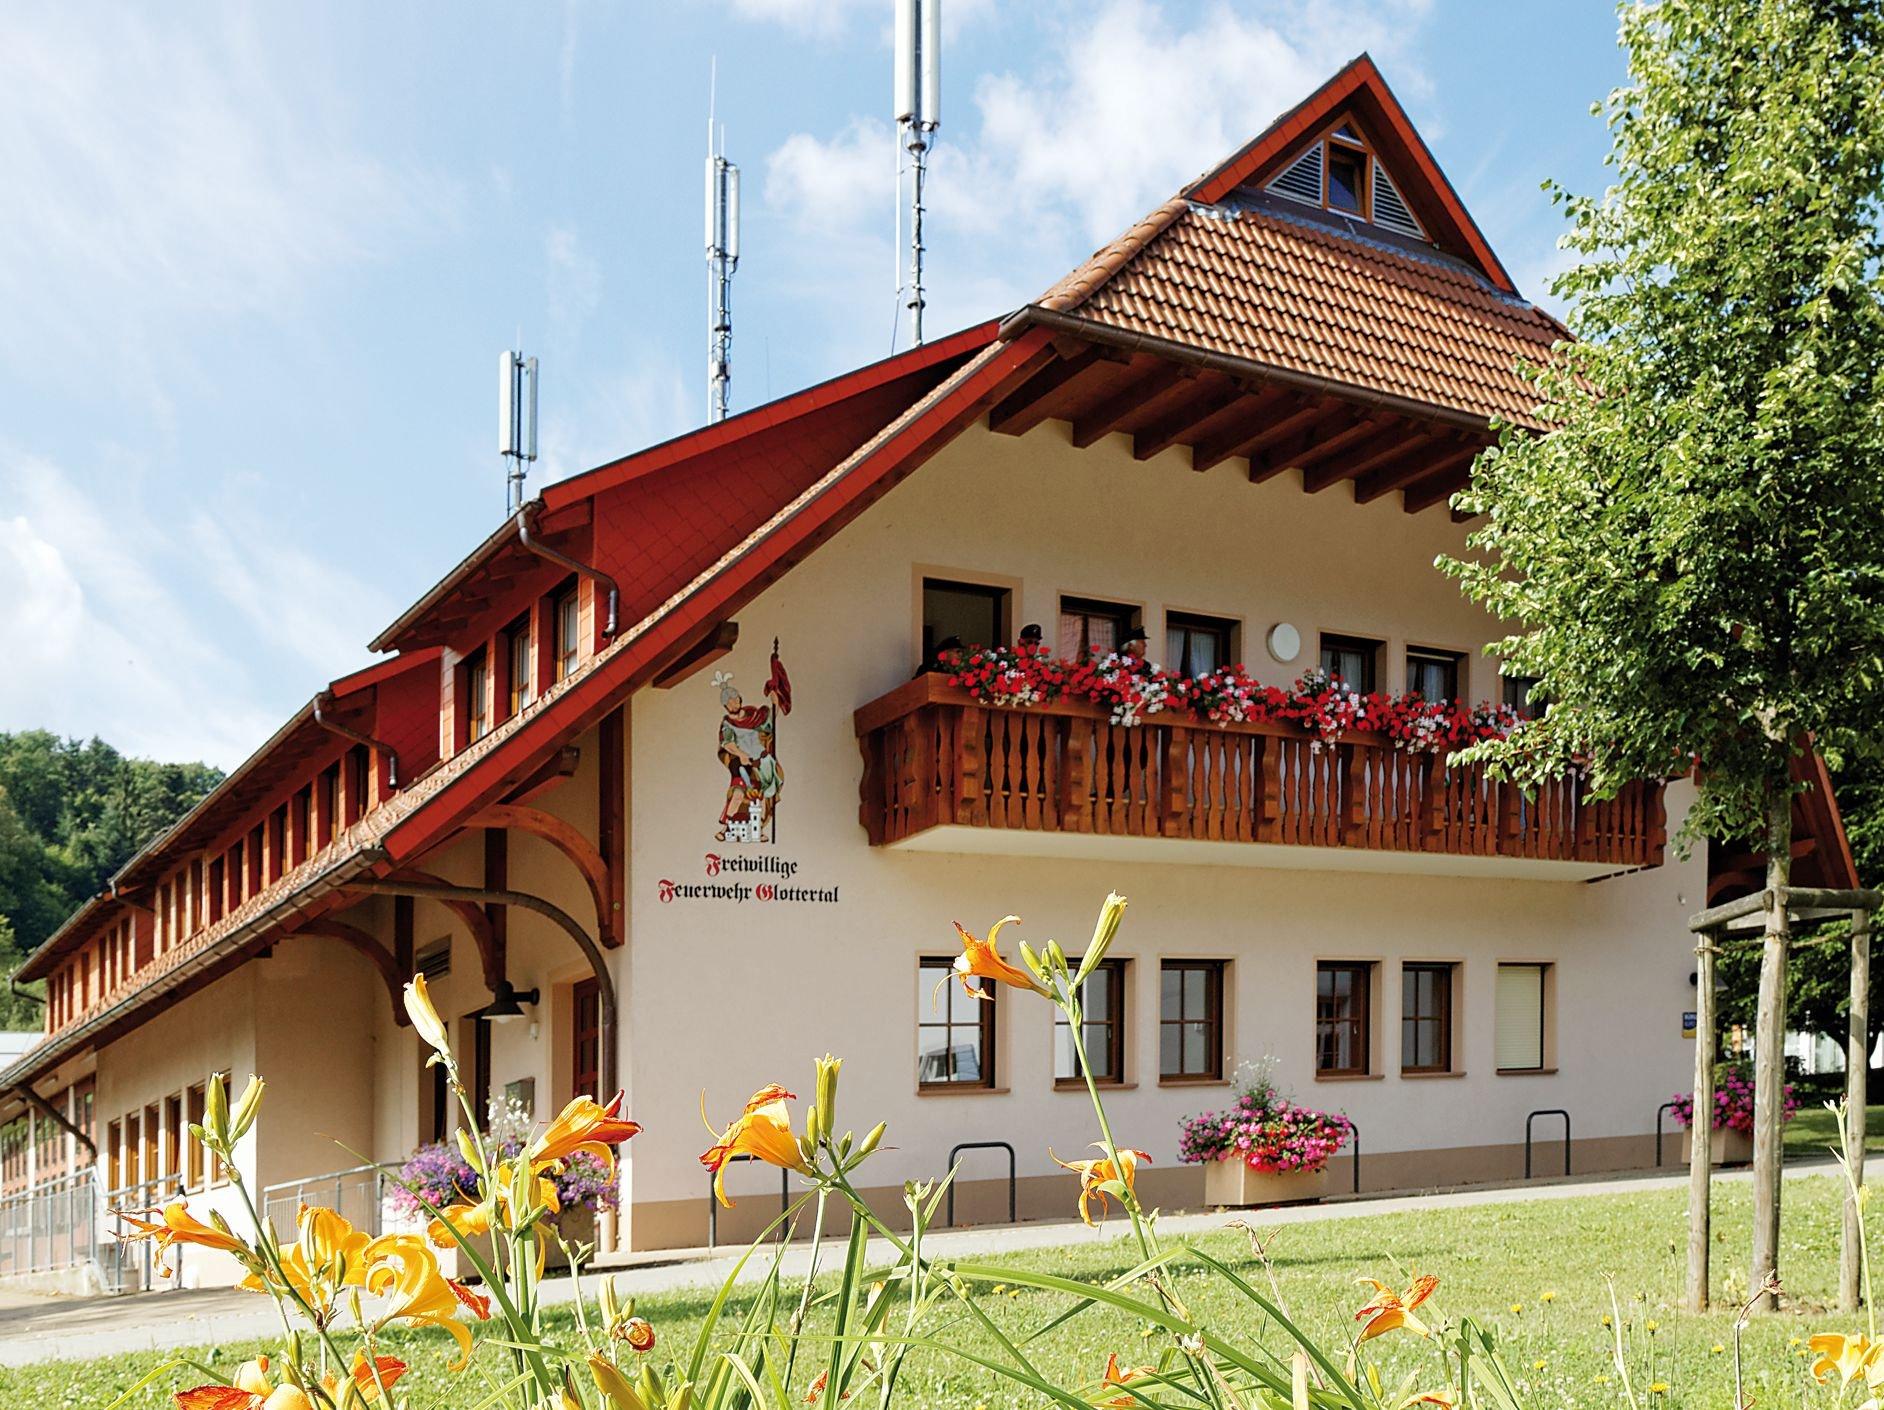 Feuerwehrhaus Glottertal